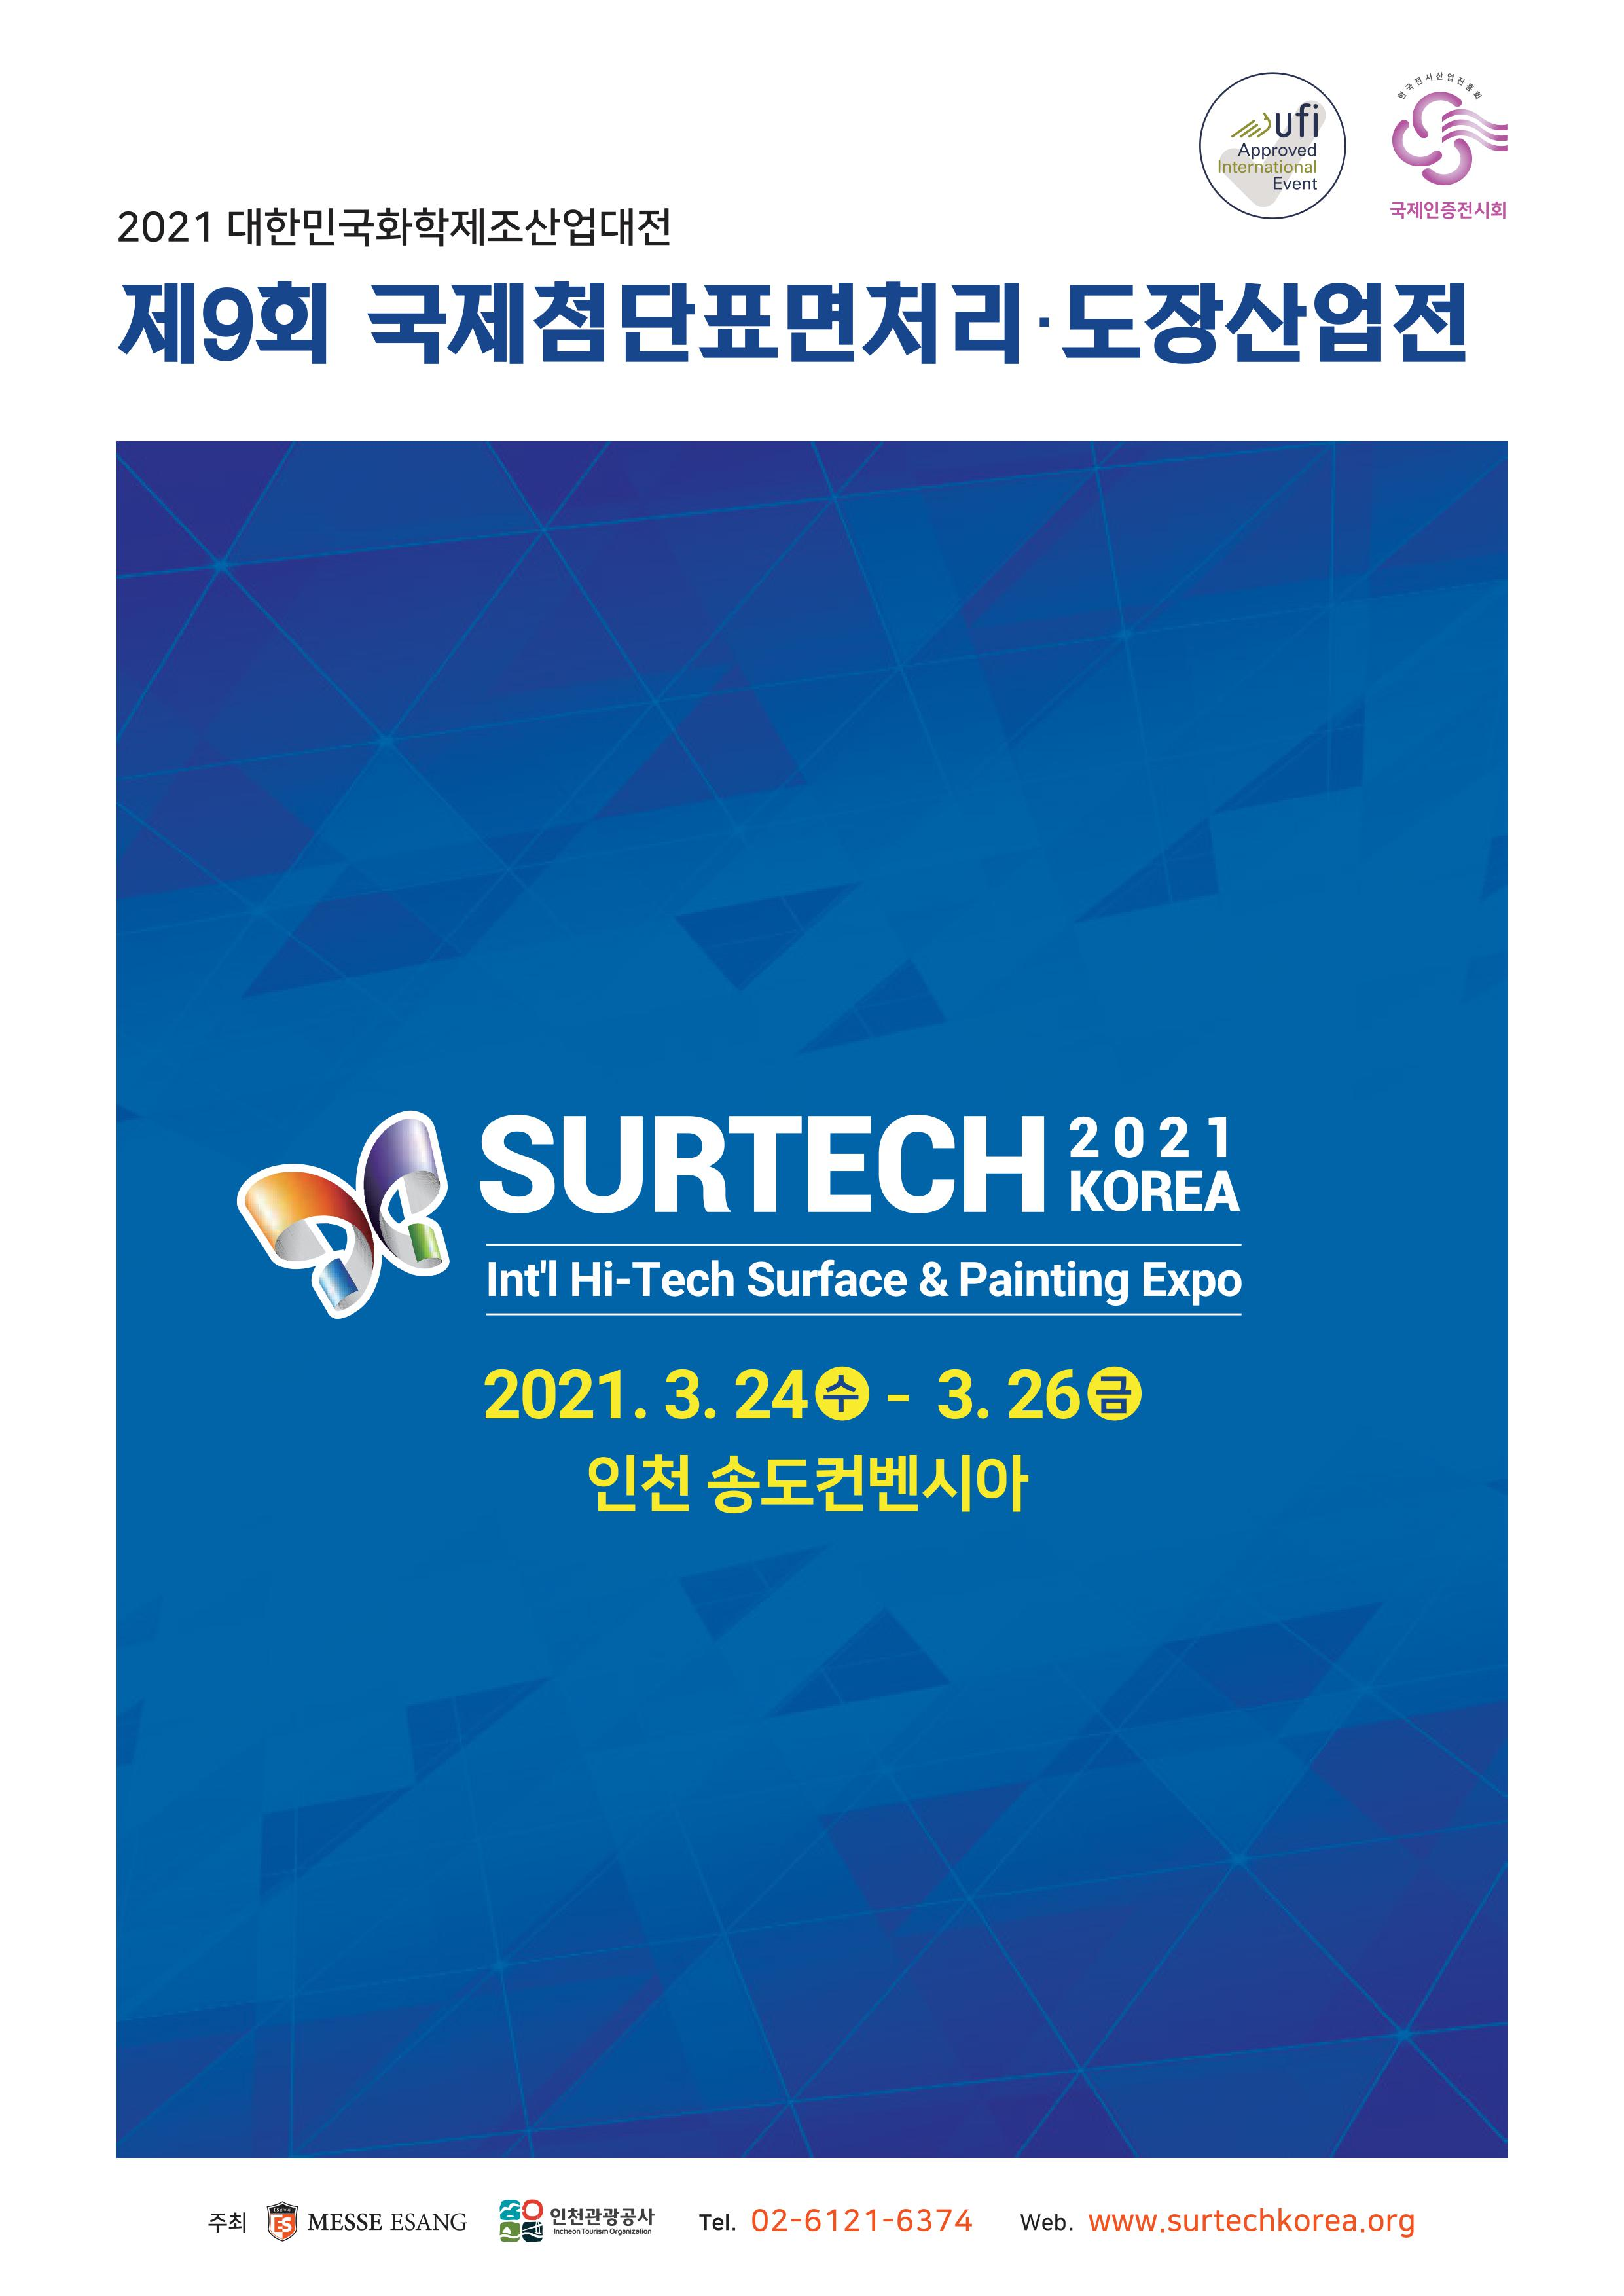 제9회 국제첨단표면처리 · 도장산업전